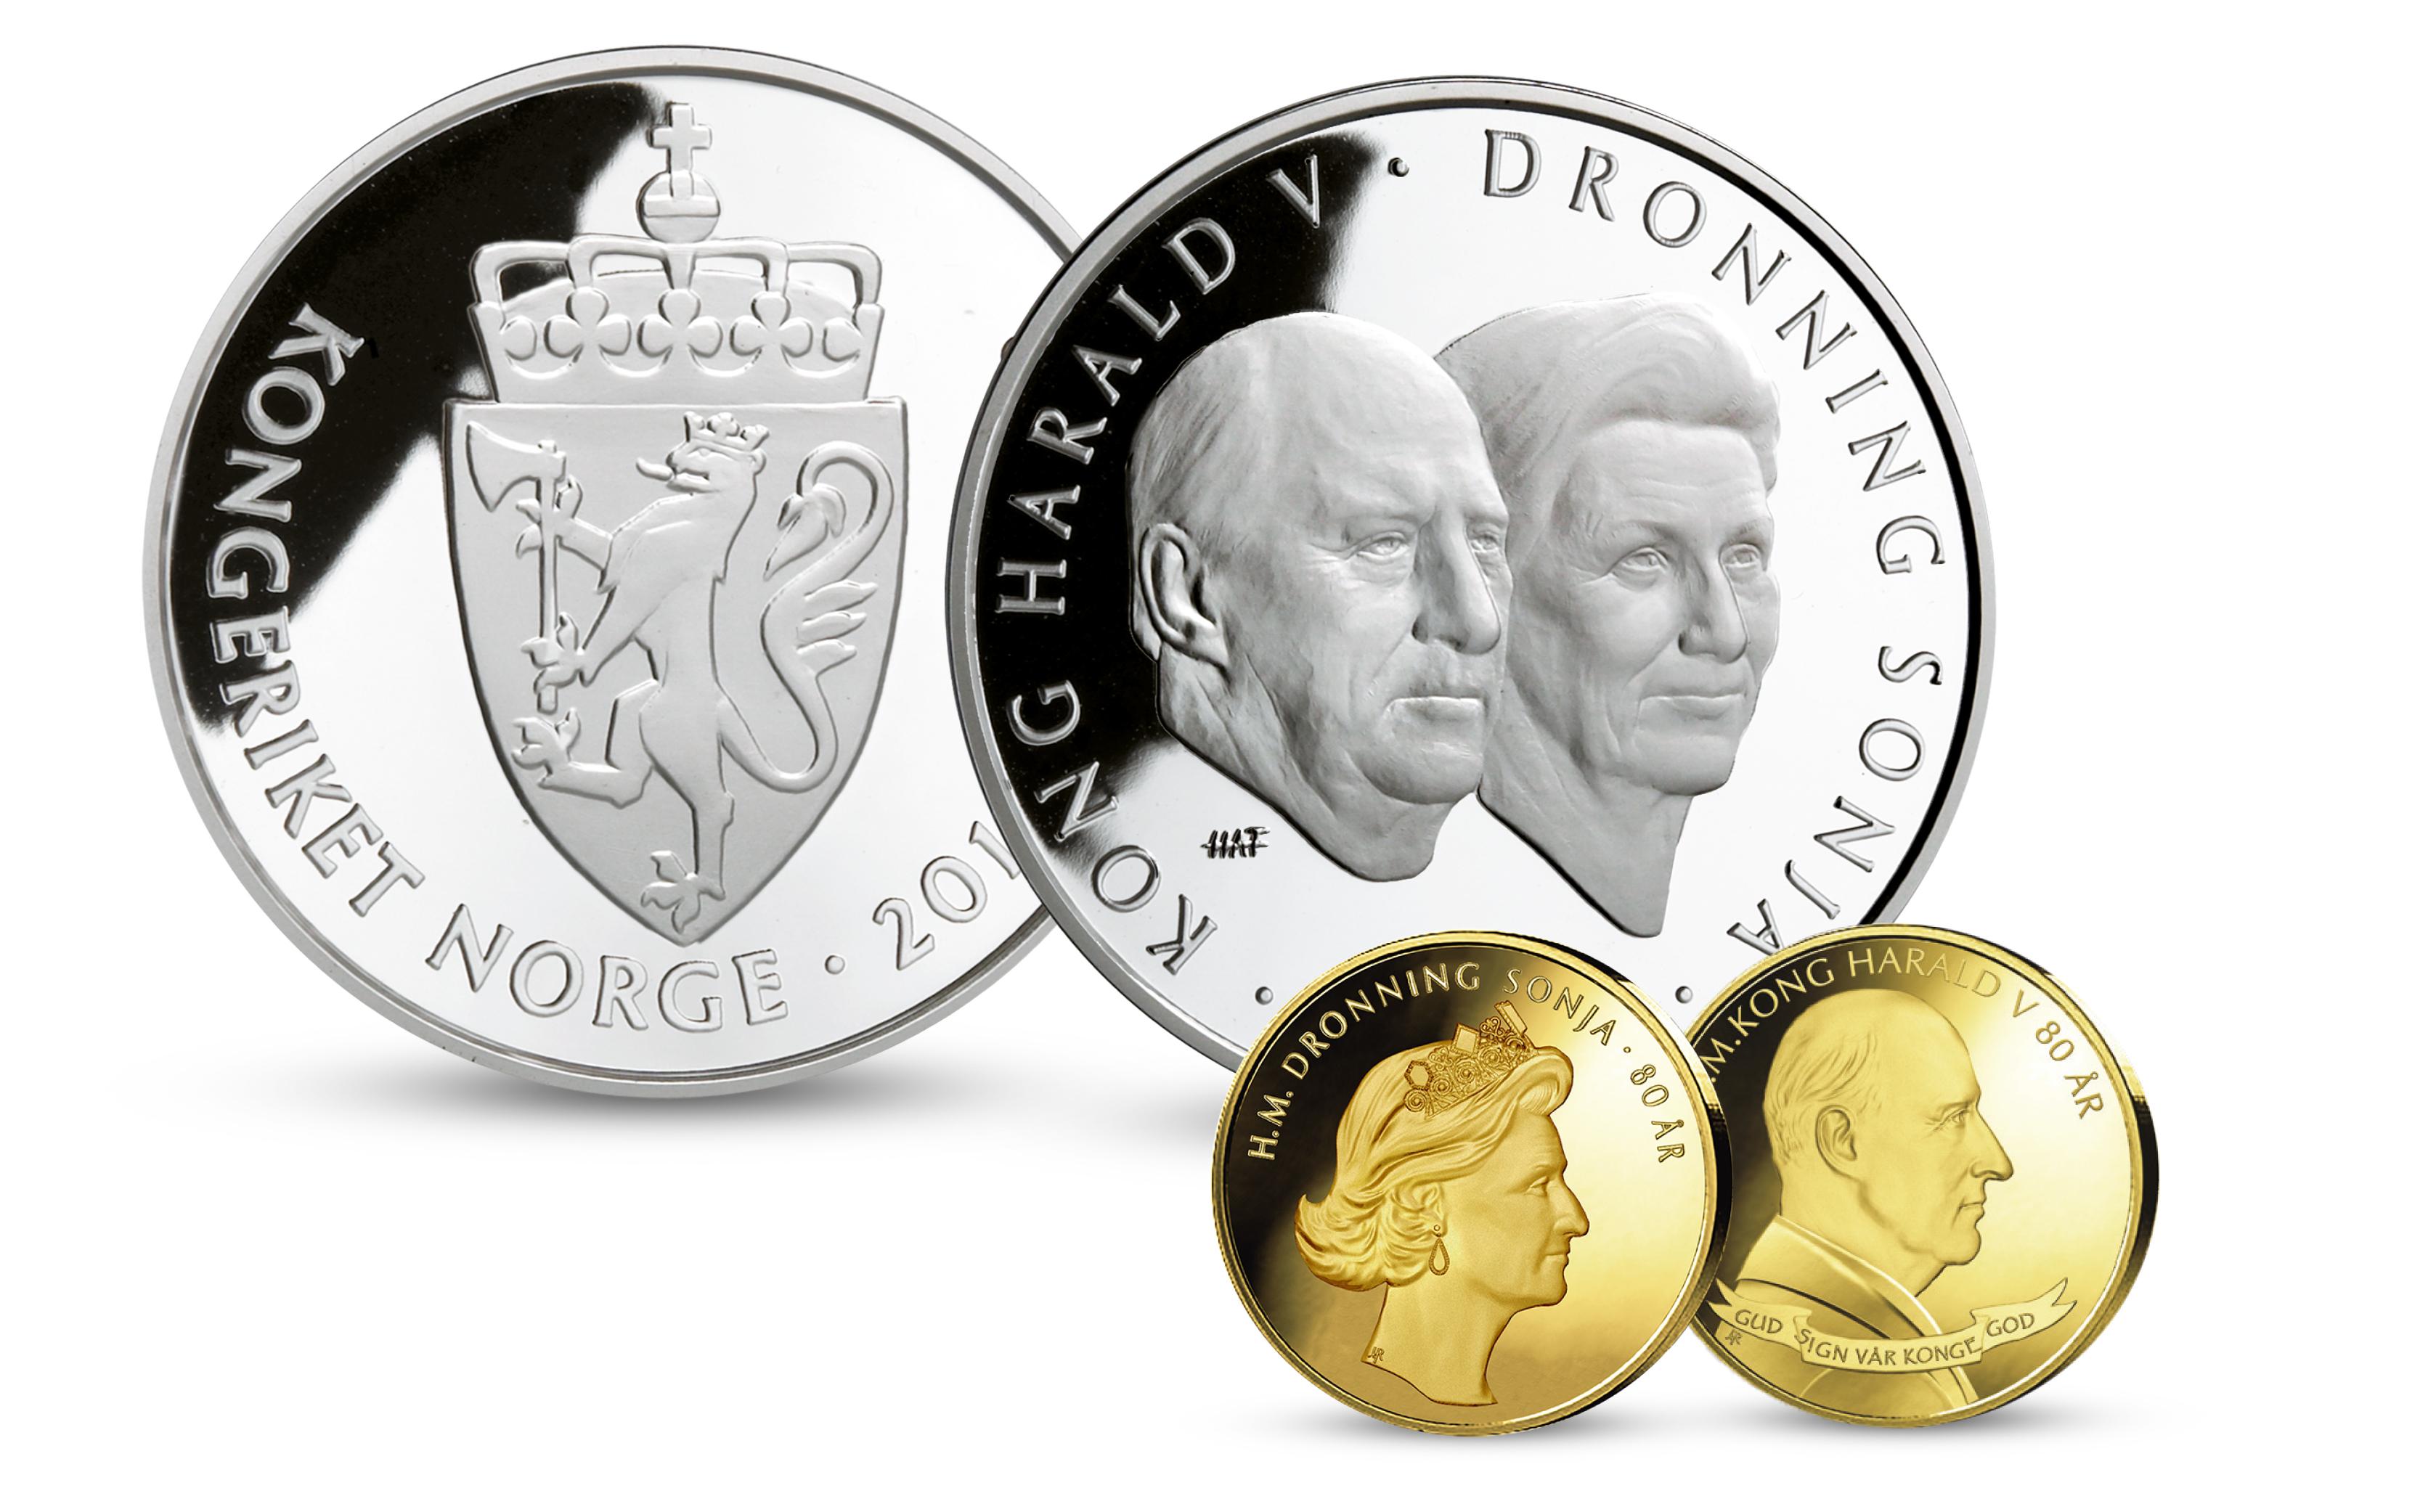 Kong Harald og dronning Sonja minnemynt i sølv og minnemedaljer